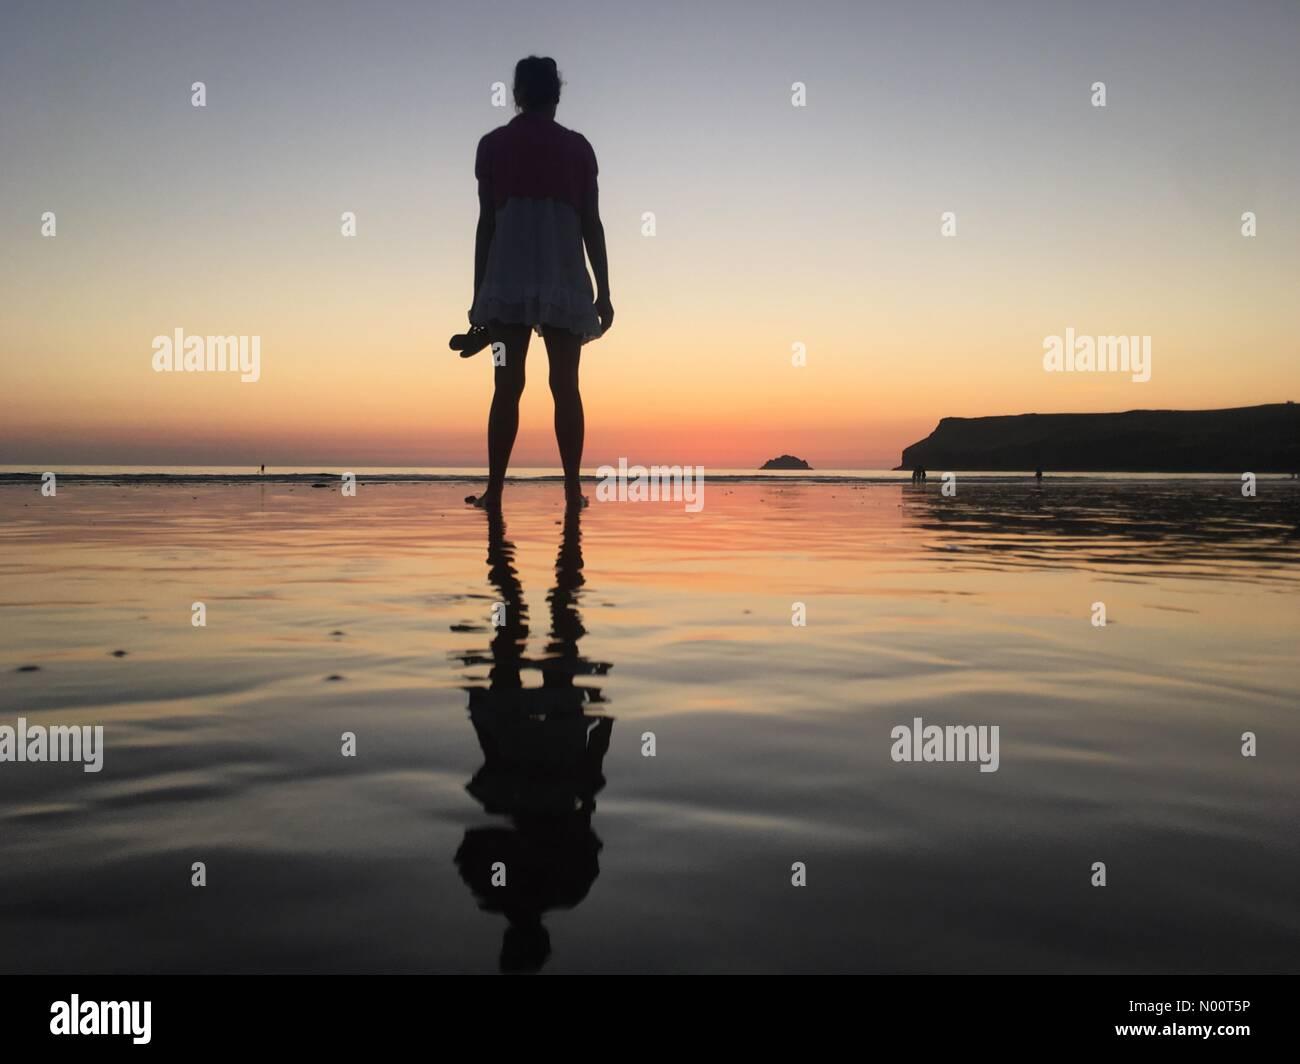 Wadebridge, UK. 07th July, 2018. UK Weather: Amazing sunset at Polzeath, Cornwall Credit: nidpor/StockimoNews/Alamy Live News - Stock Image